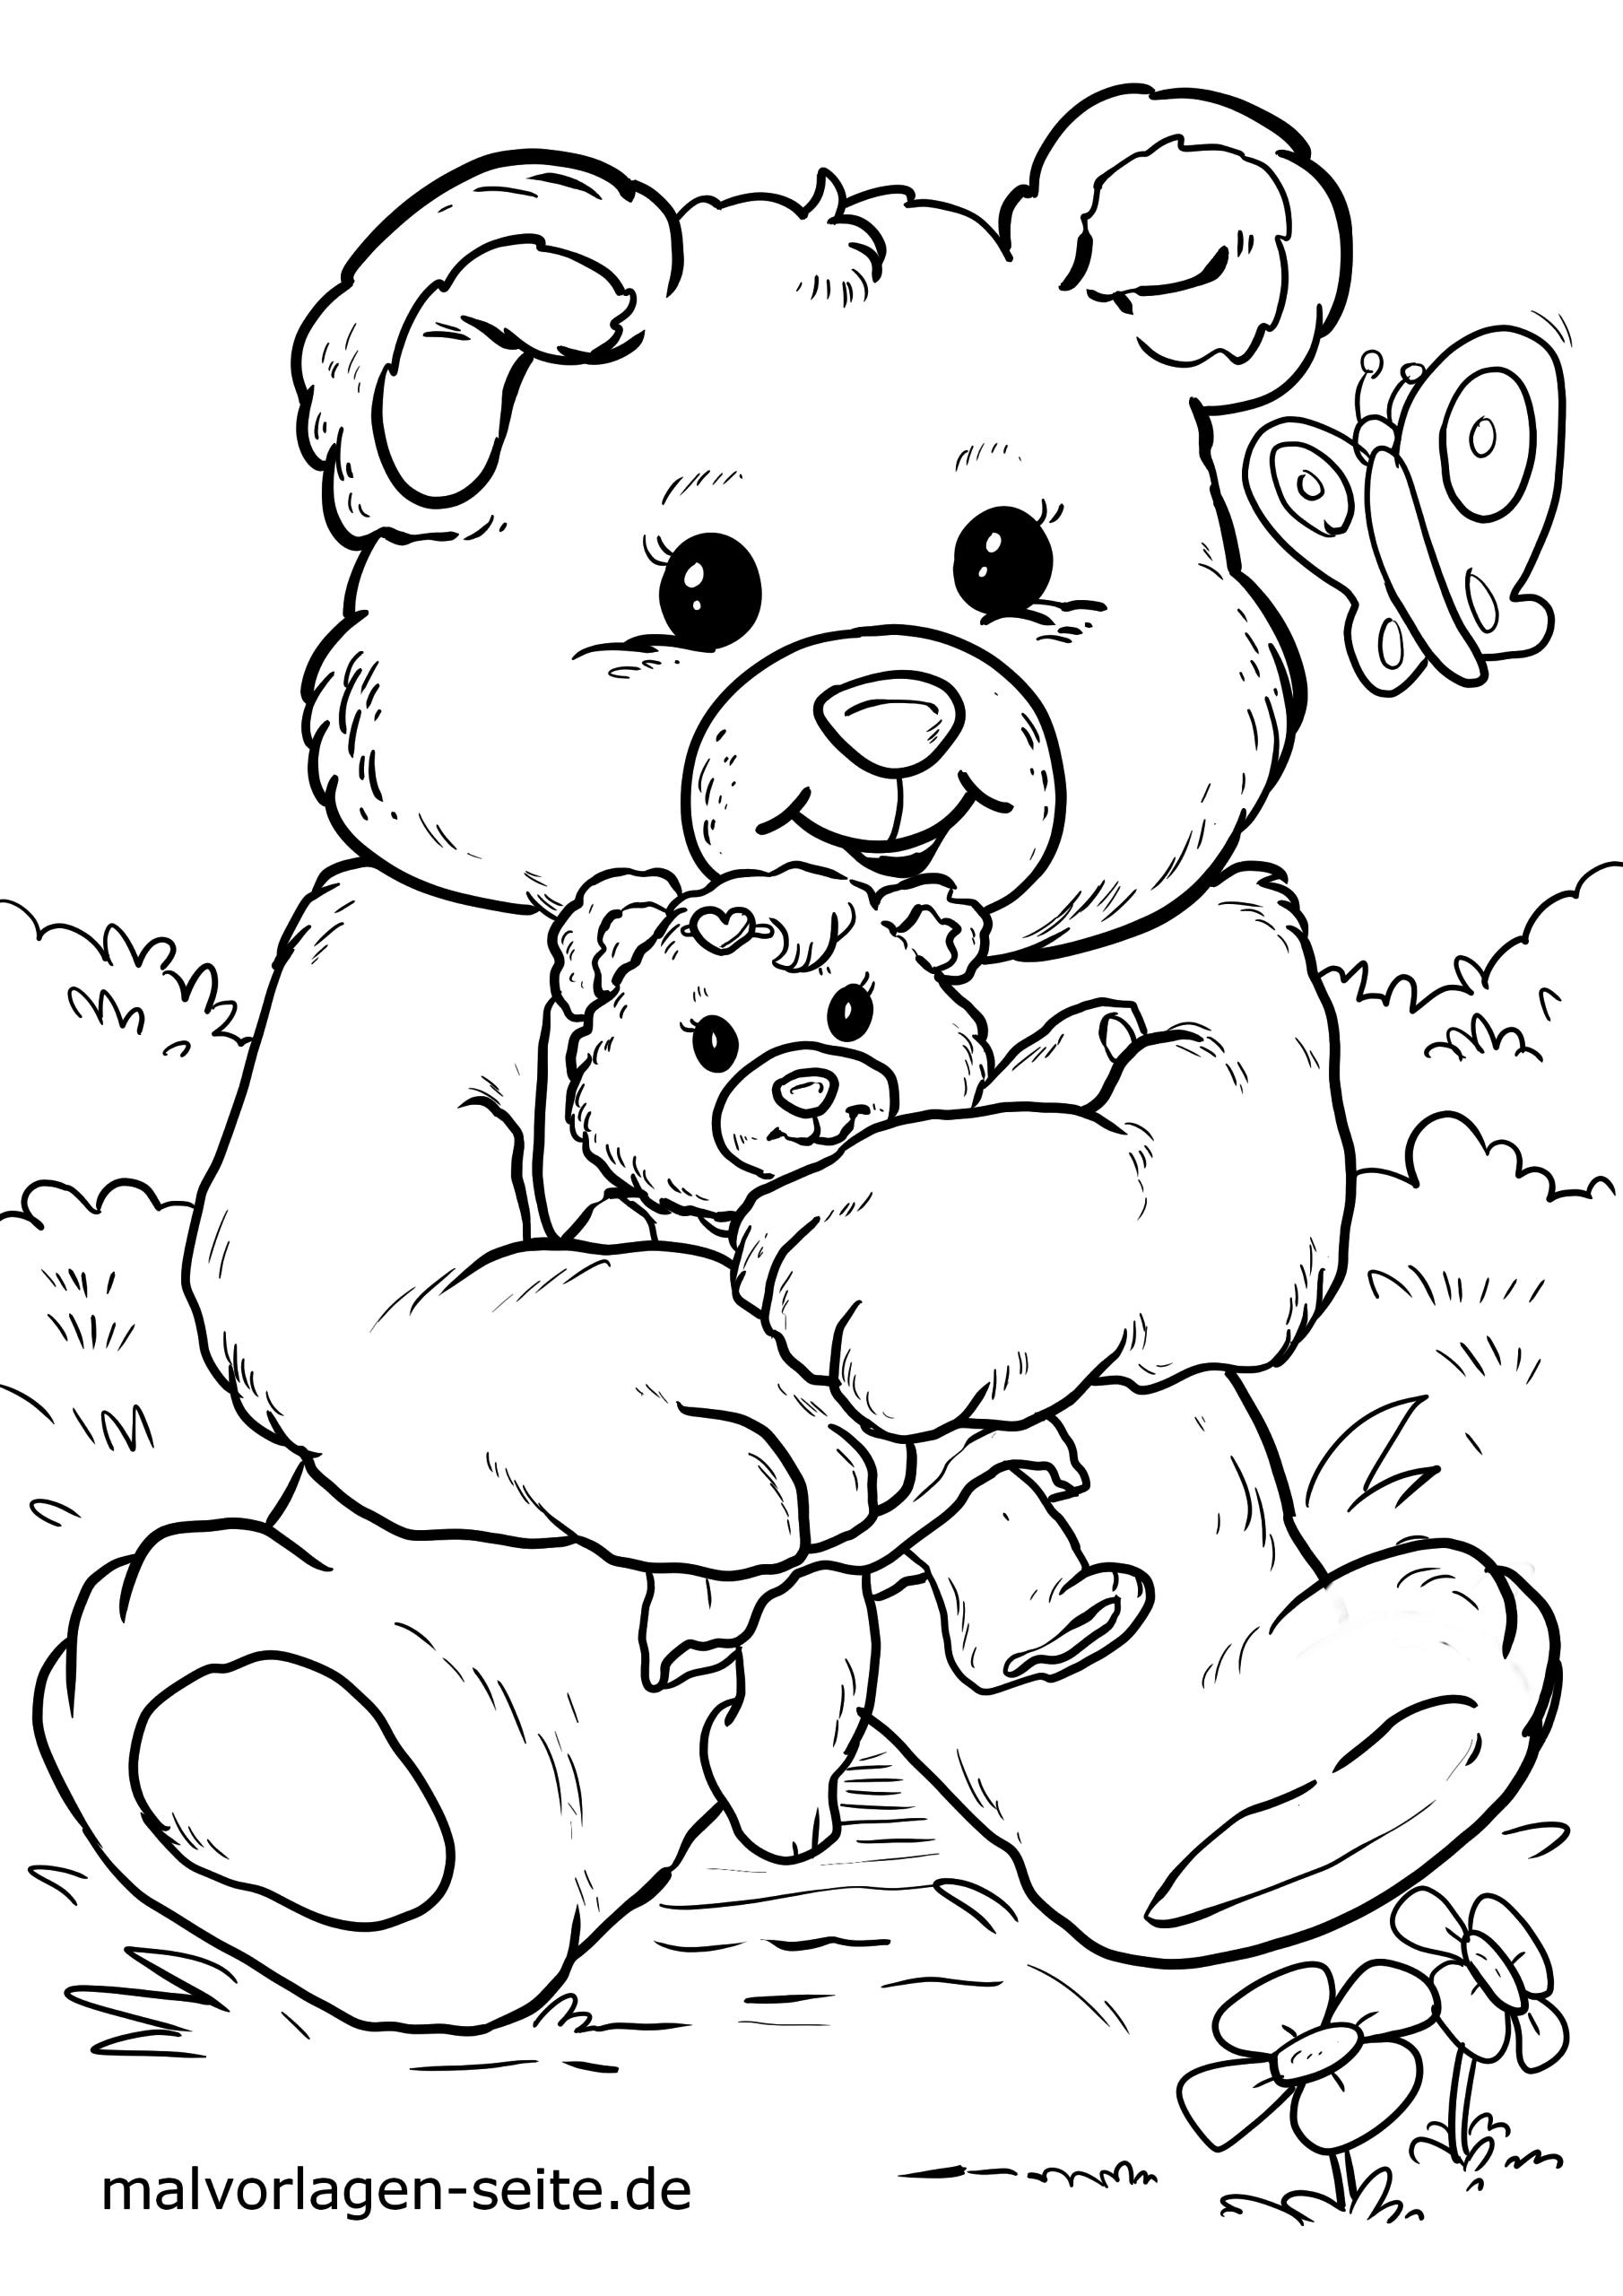 teddybär ausmalbild  kinderbilderdownload  kinderbilder